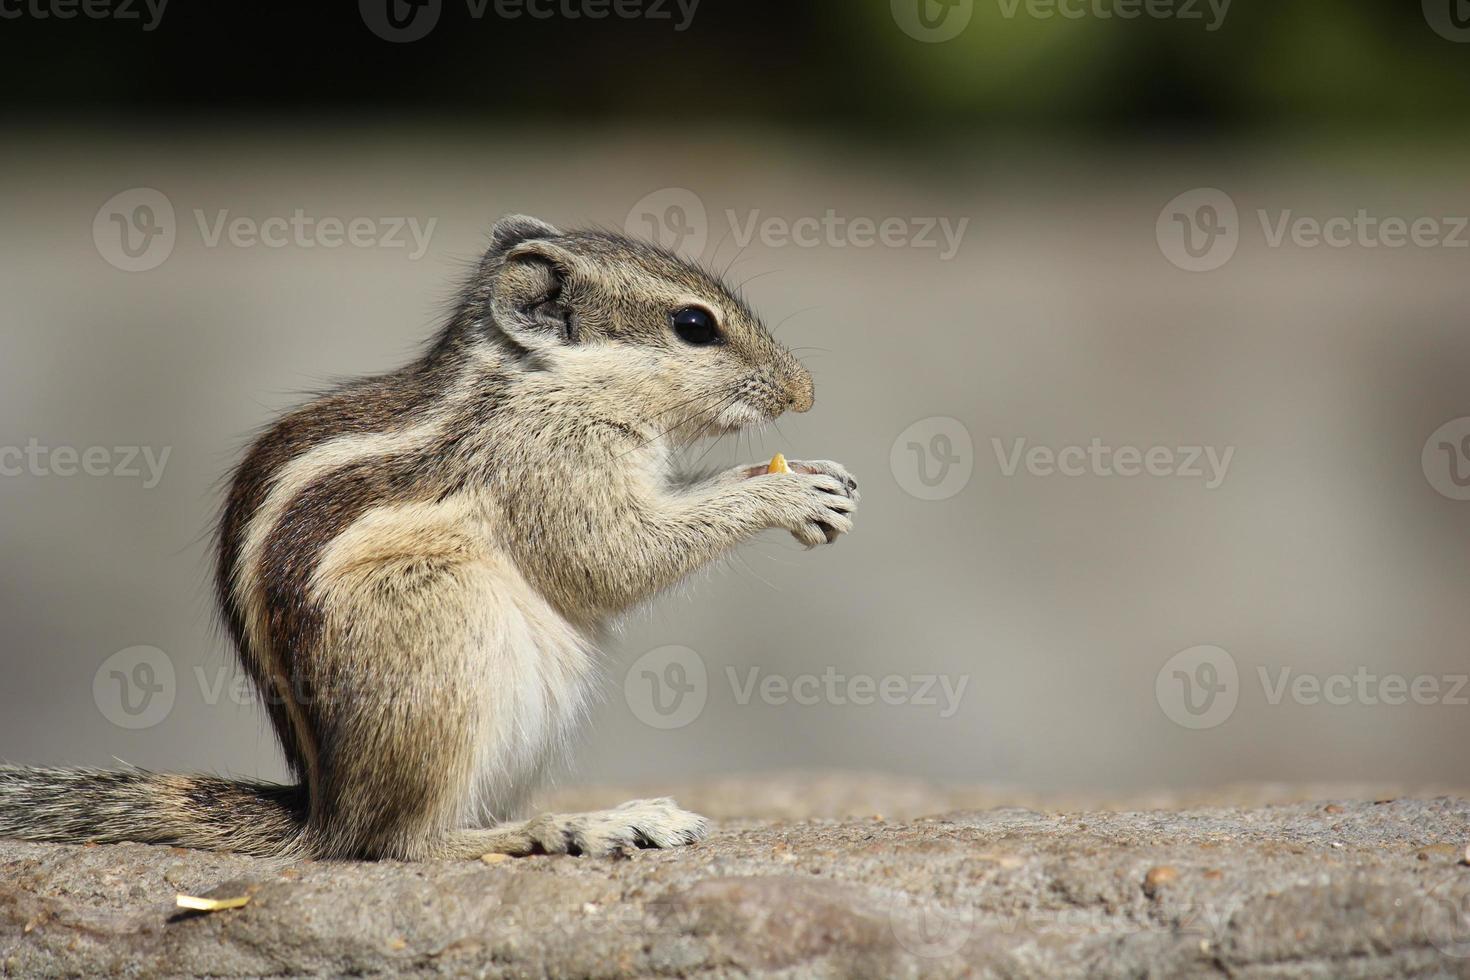 klein knaagdier dat een eikel eet foto